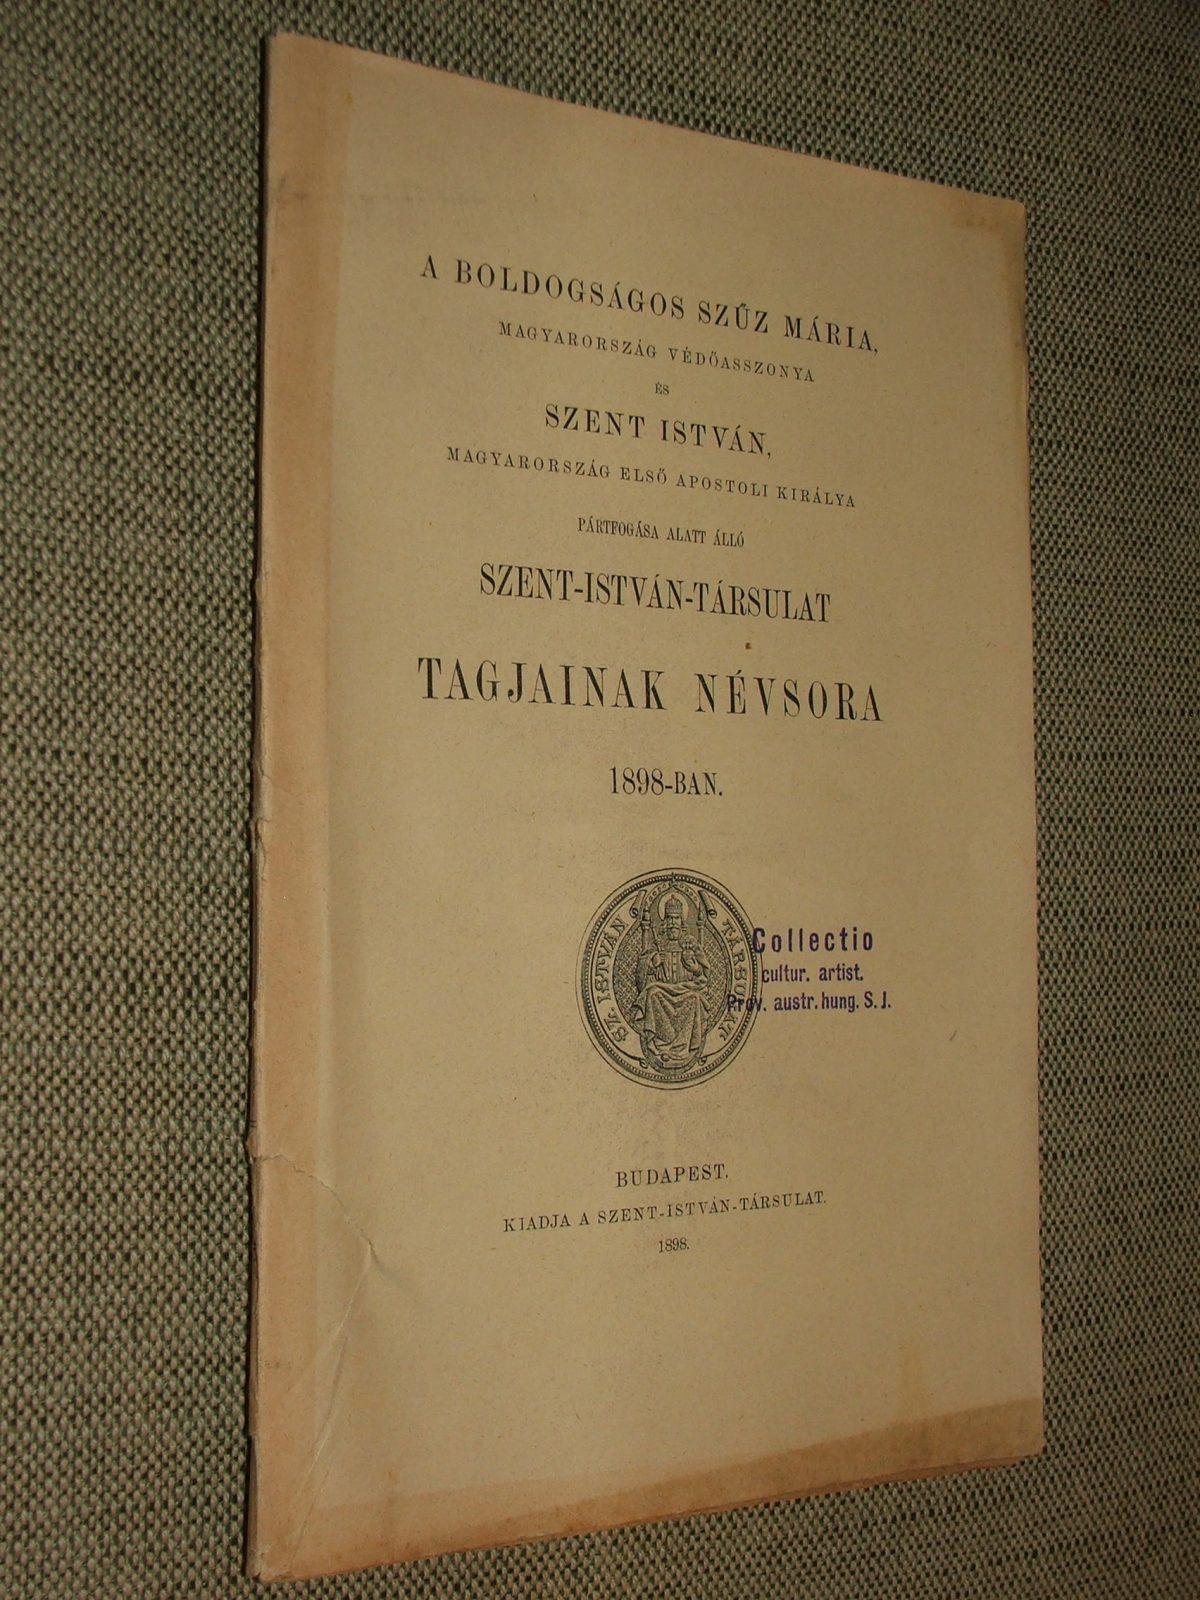 Szent-István Társulat tagjainak névsora 1898-ban.